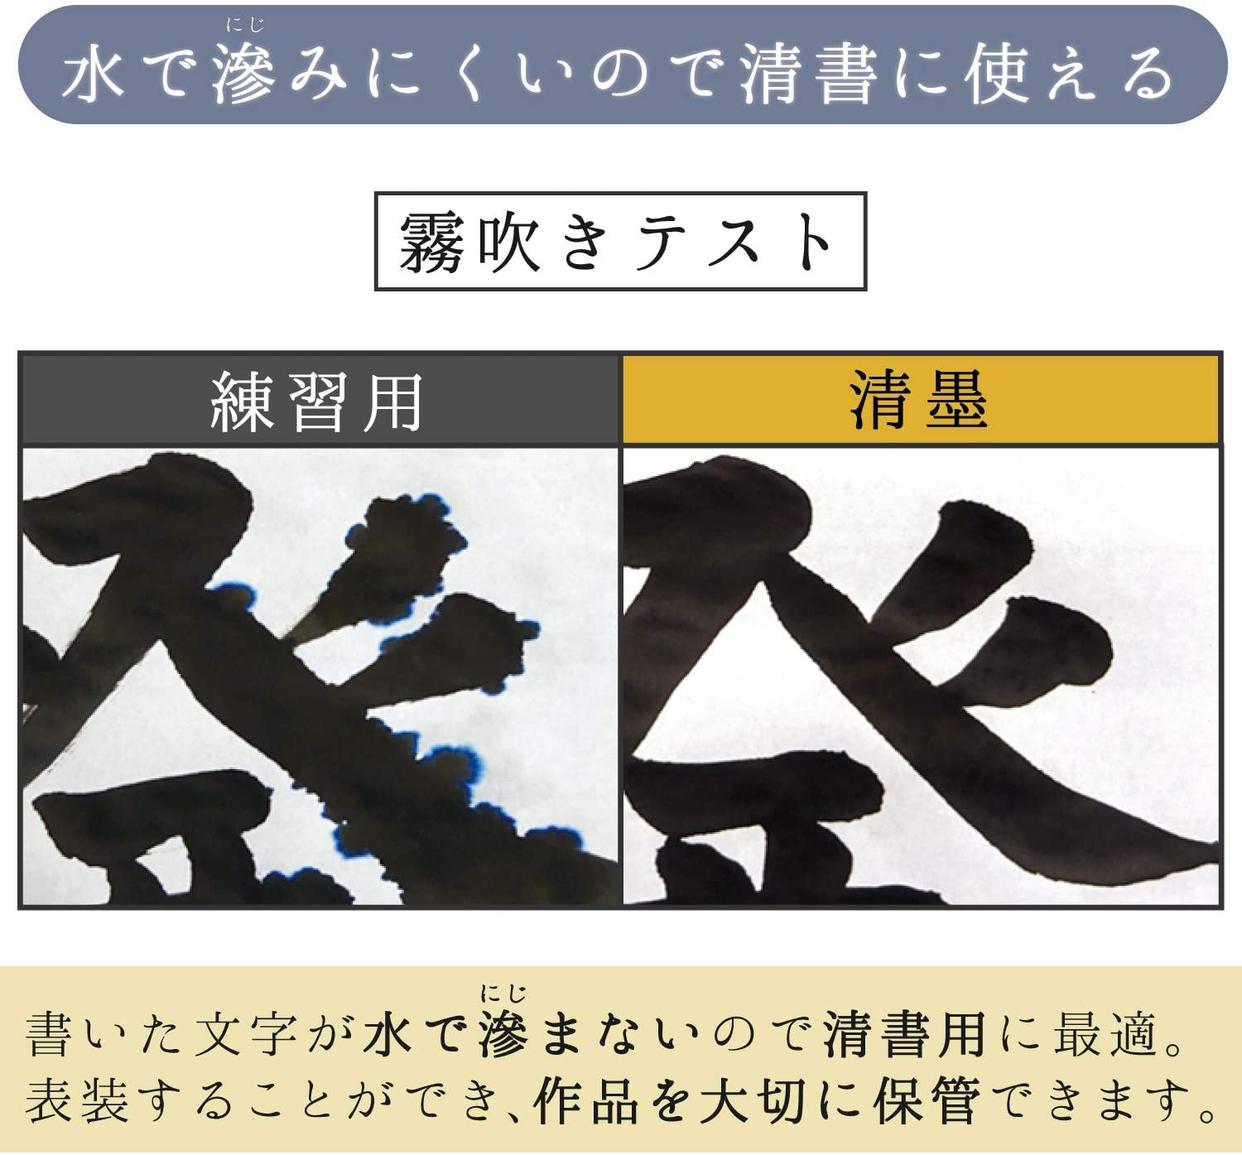 SAKURA(サクラ) 清墨 805304の商品画像3